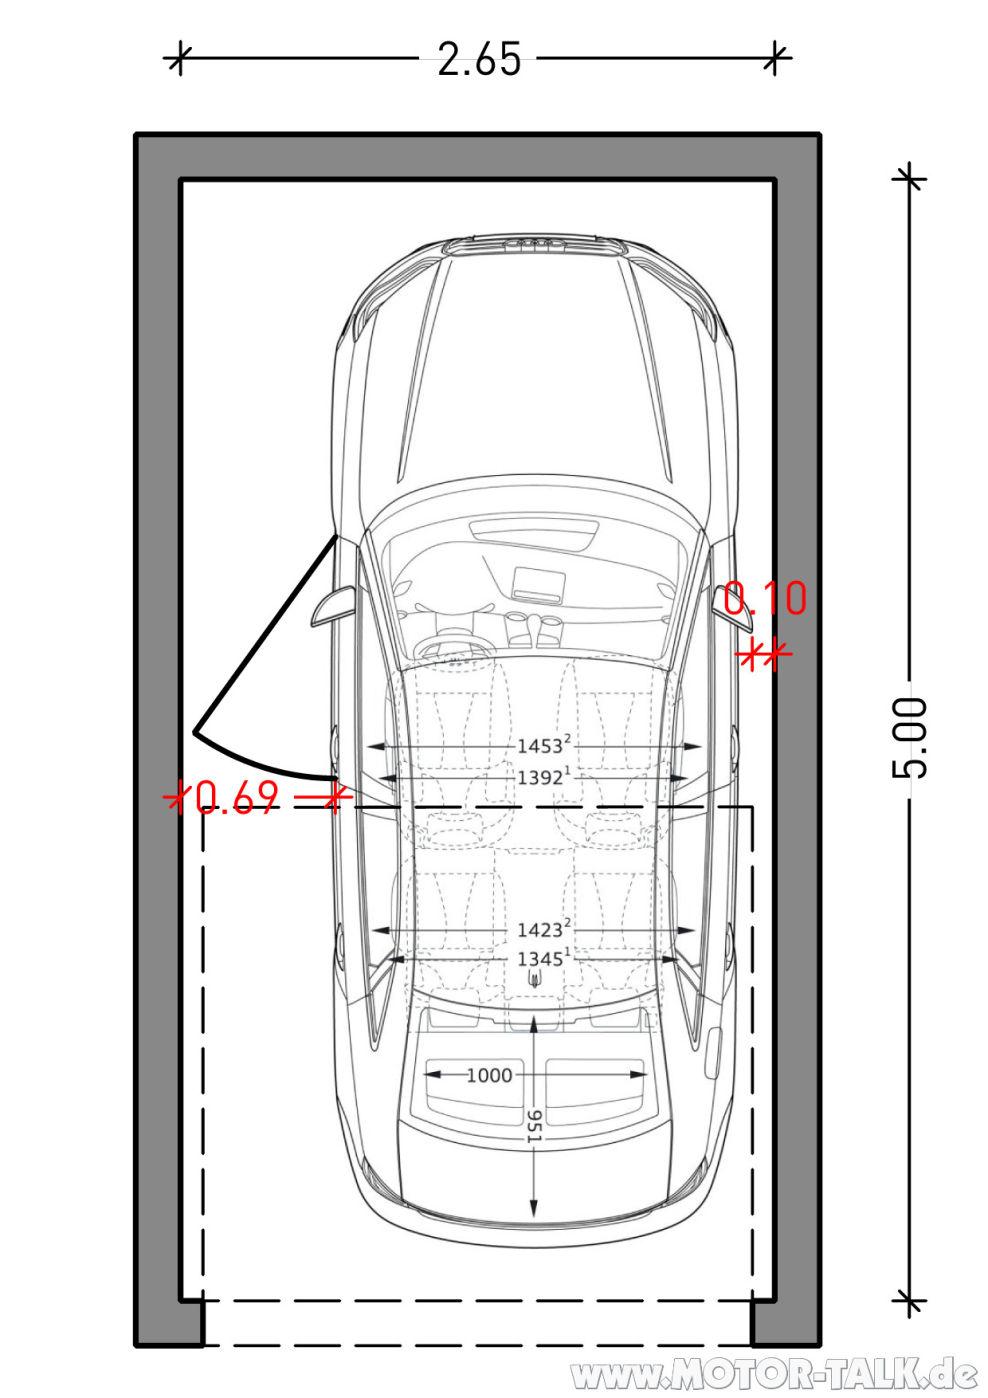 A3-limo-garage-265-cm : Garagenbreite für A3 (Limousine